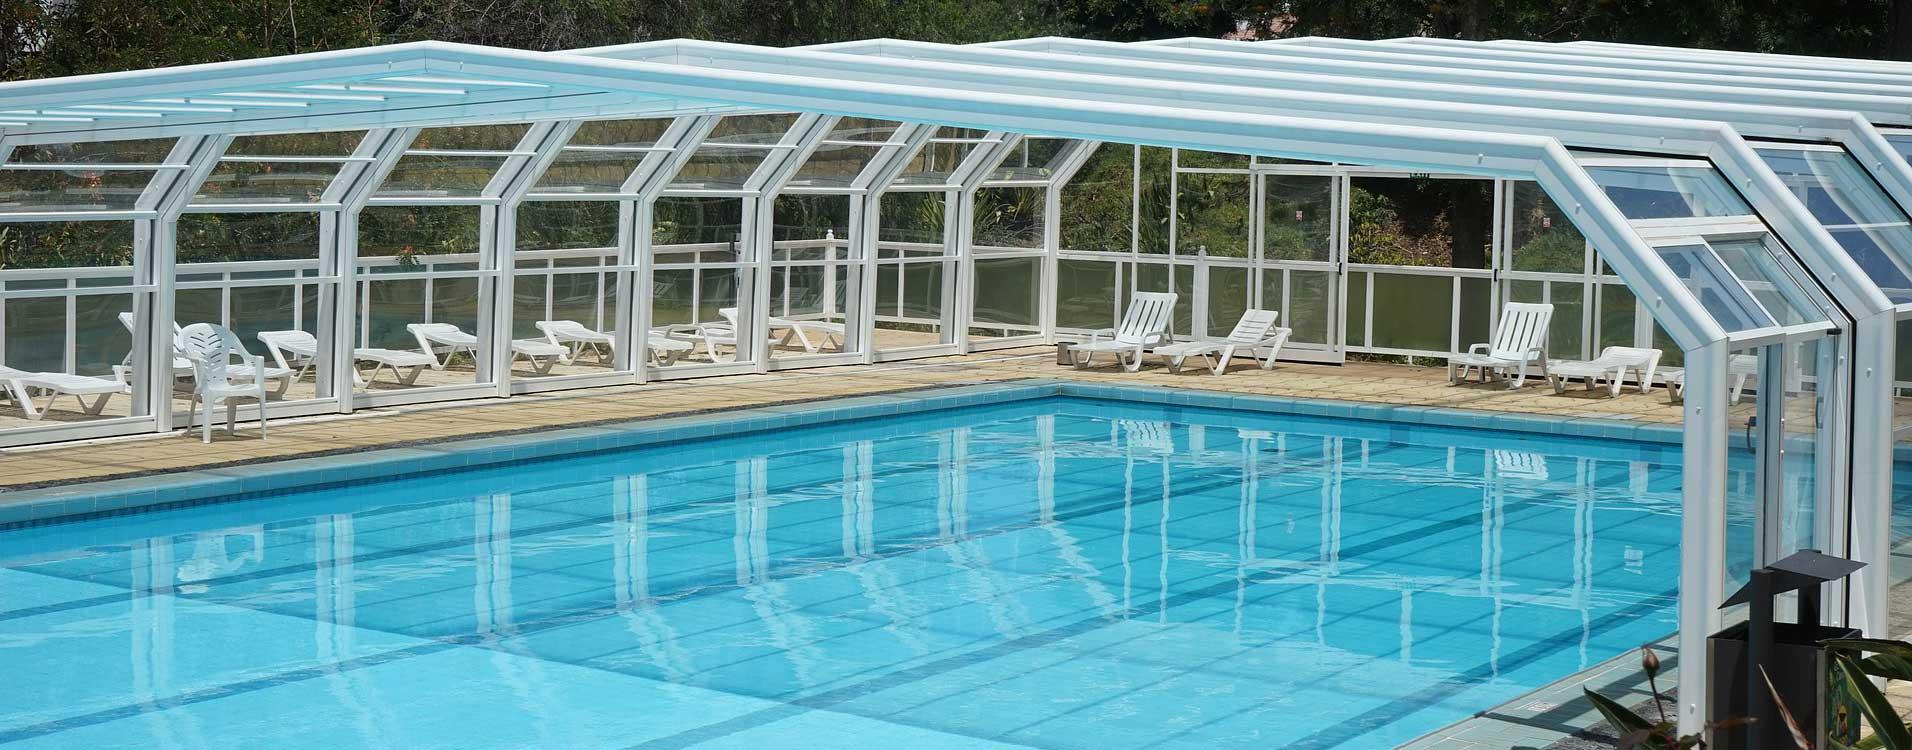 Construction piscine couverte